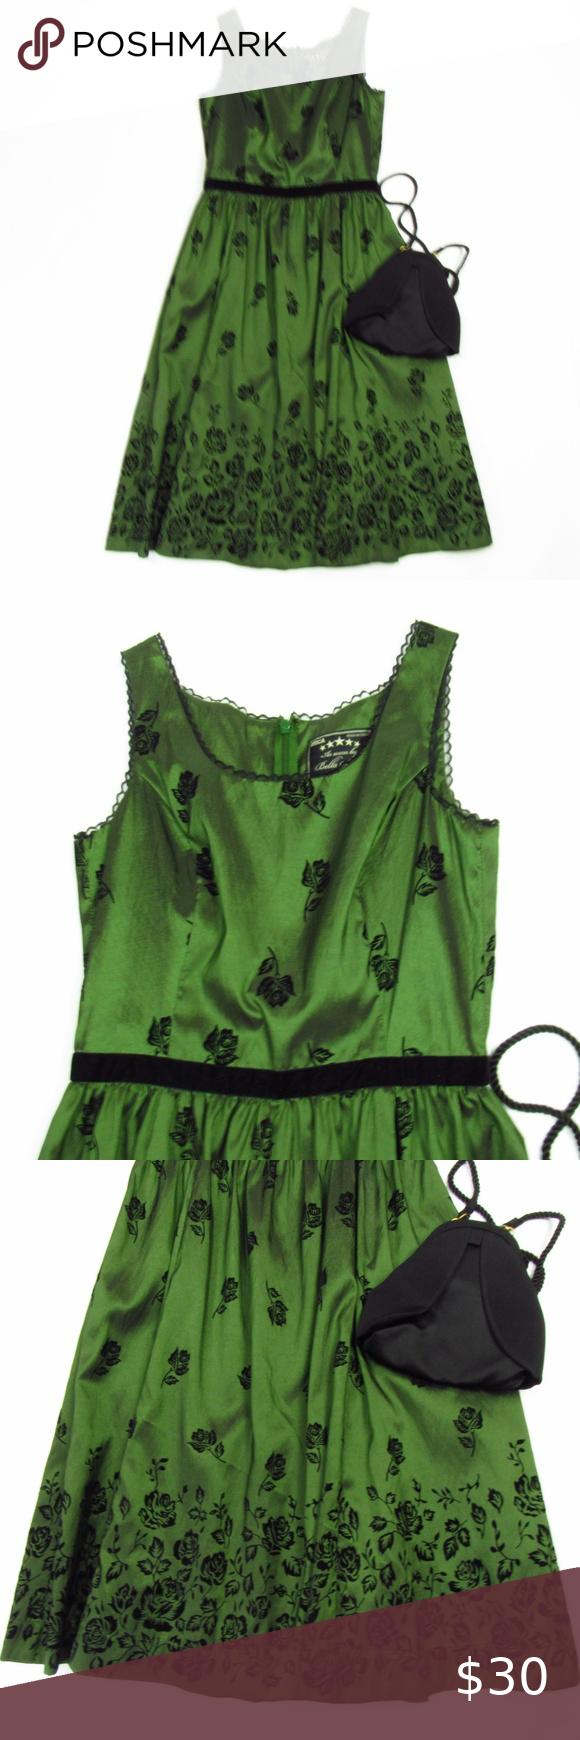 Bella Swan S Twilight New Moon Green Dress M Green Dress Moon Dress New Moon [ 1740 x 580 Pixel ]